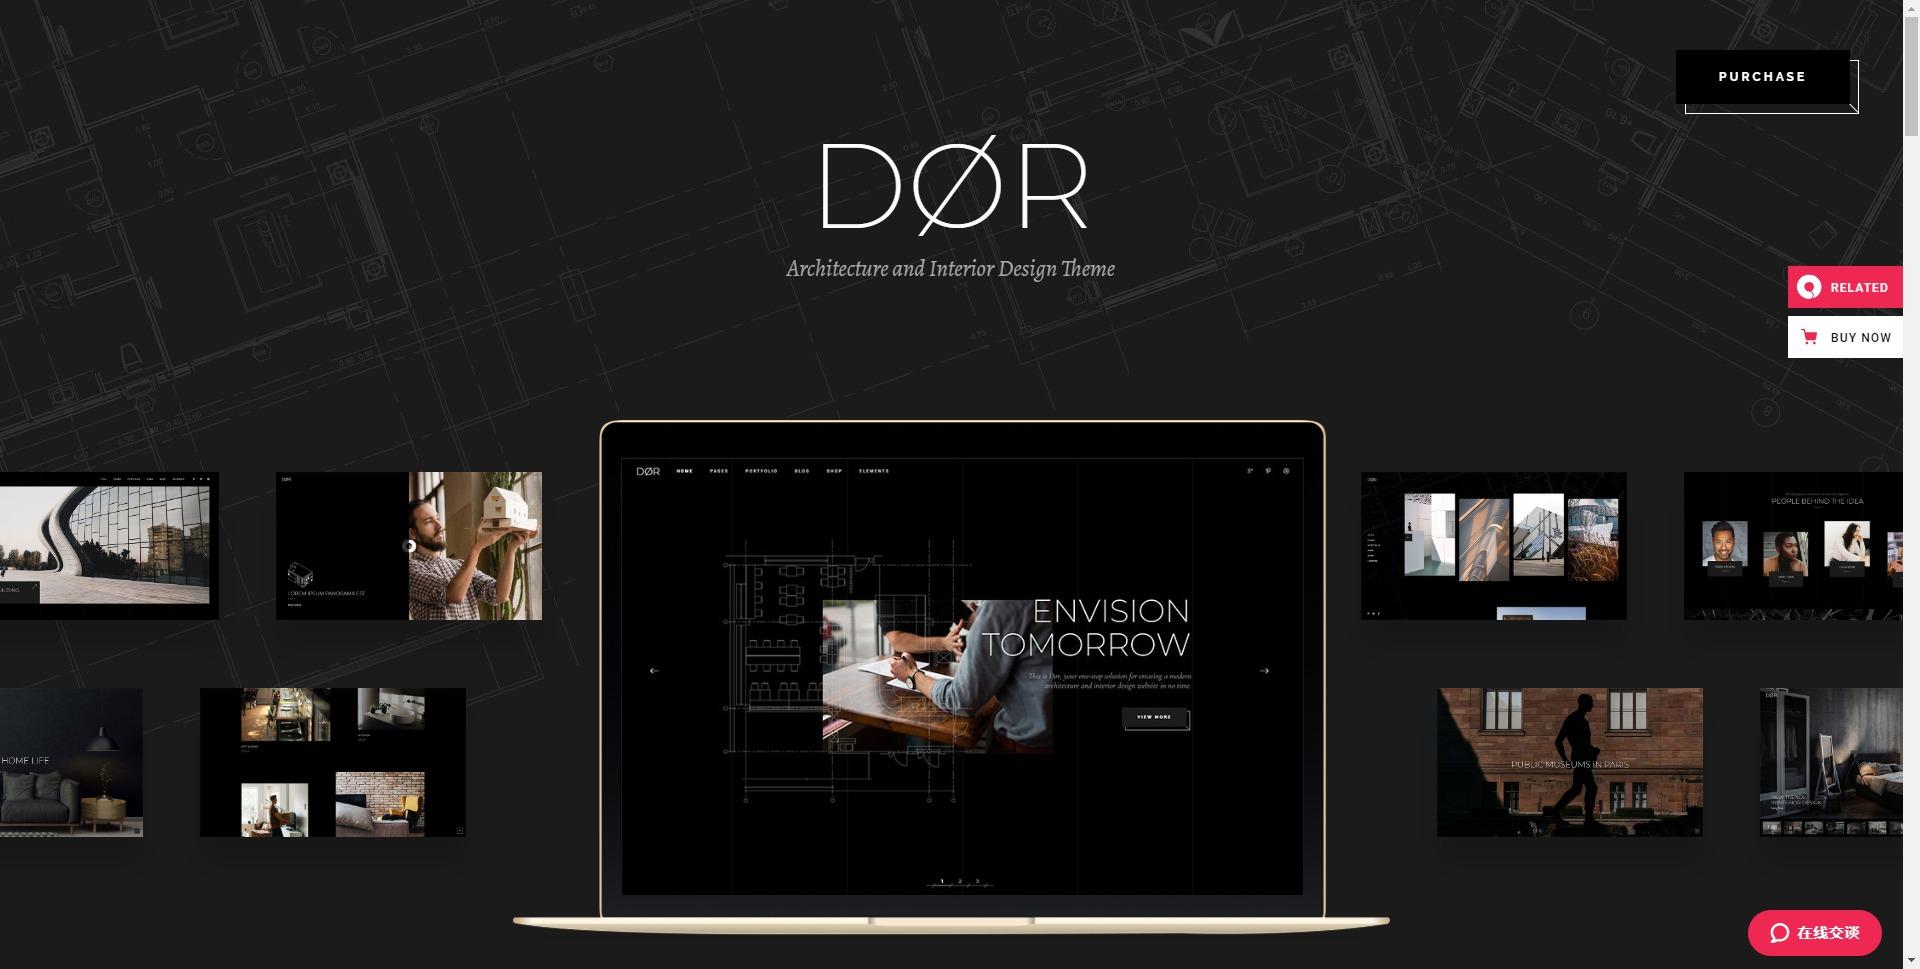 Dor-现代建筑室内设计装修效果图WordPress主题